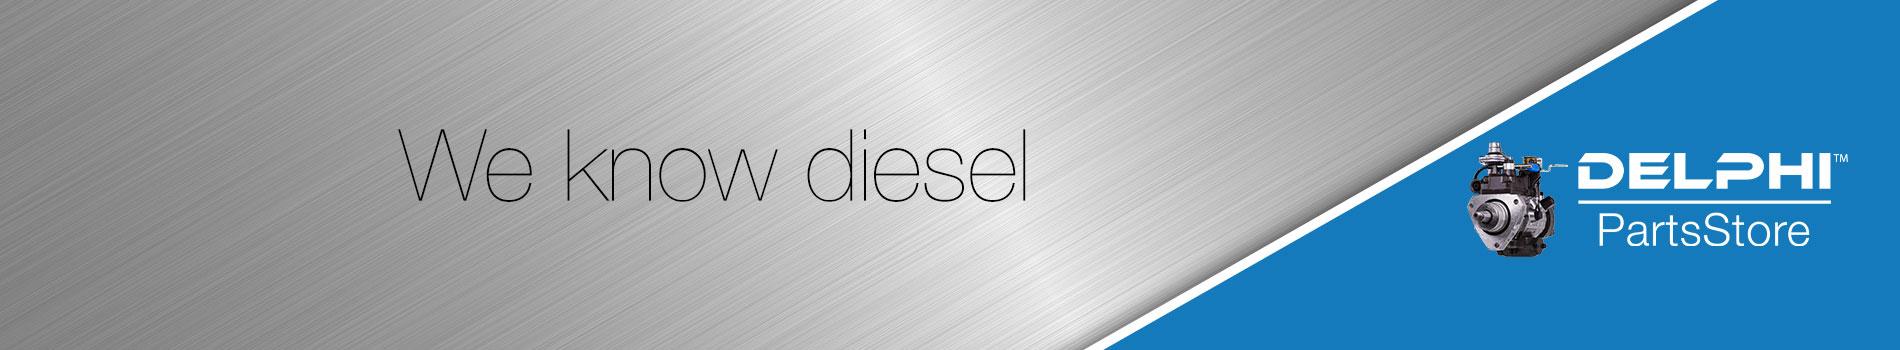 We know diesel